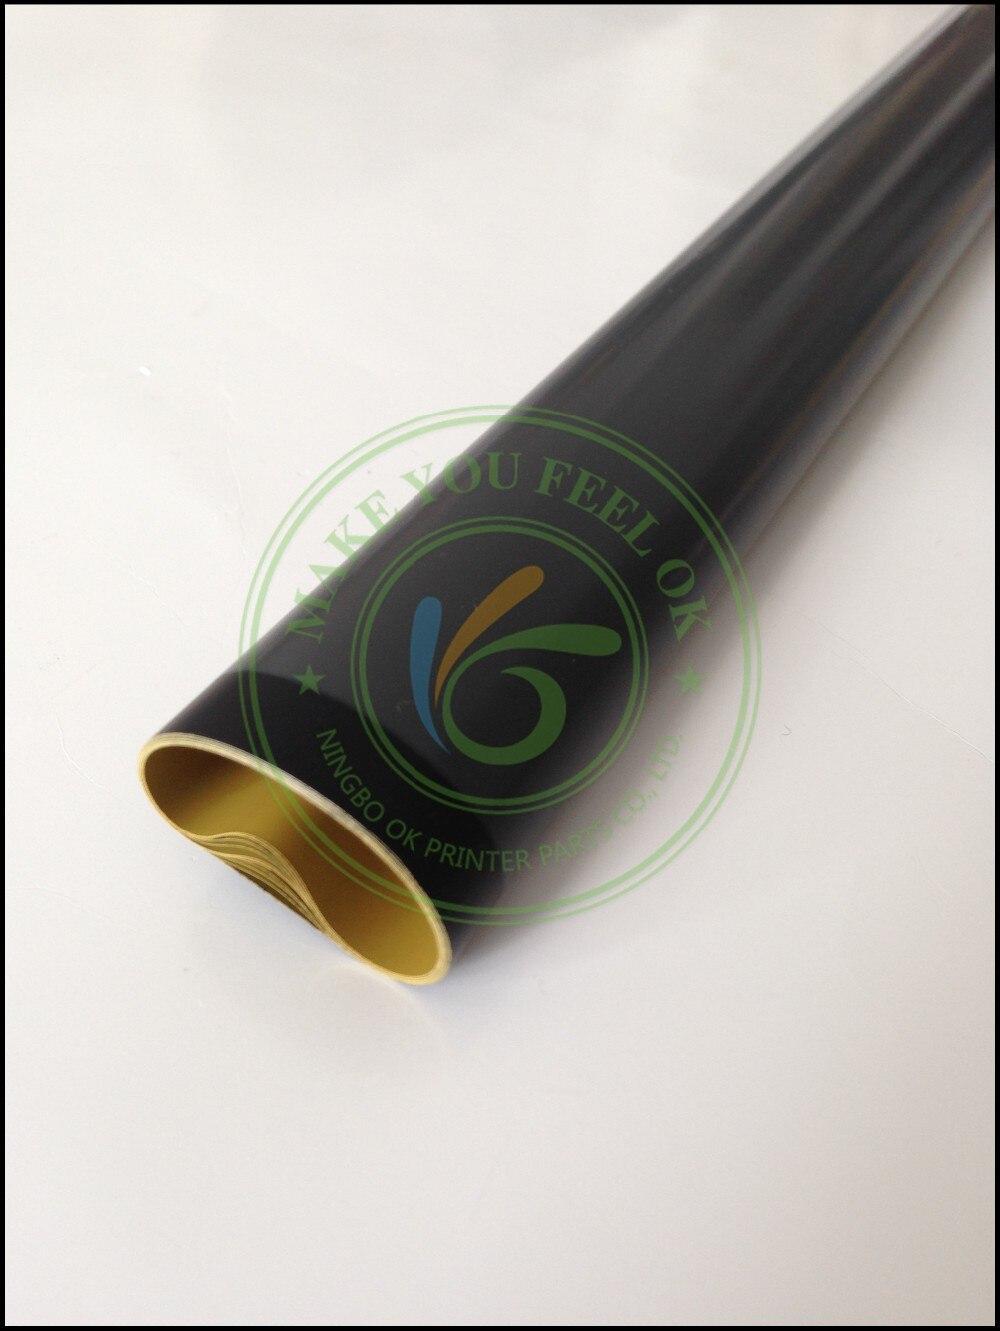 Compatible nuevo para HP 2200 2200D 2300, 2400, 2410, 2420, 2430, 3005 P3005 3035 Fuser. Película de fijación manga RG5-5570-FILM